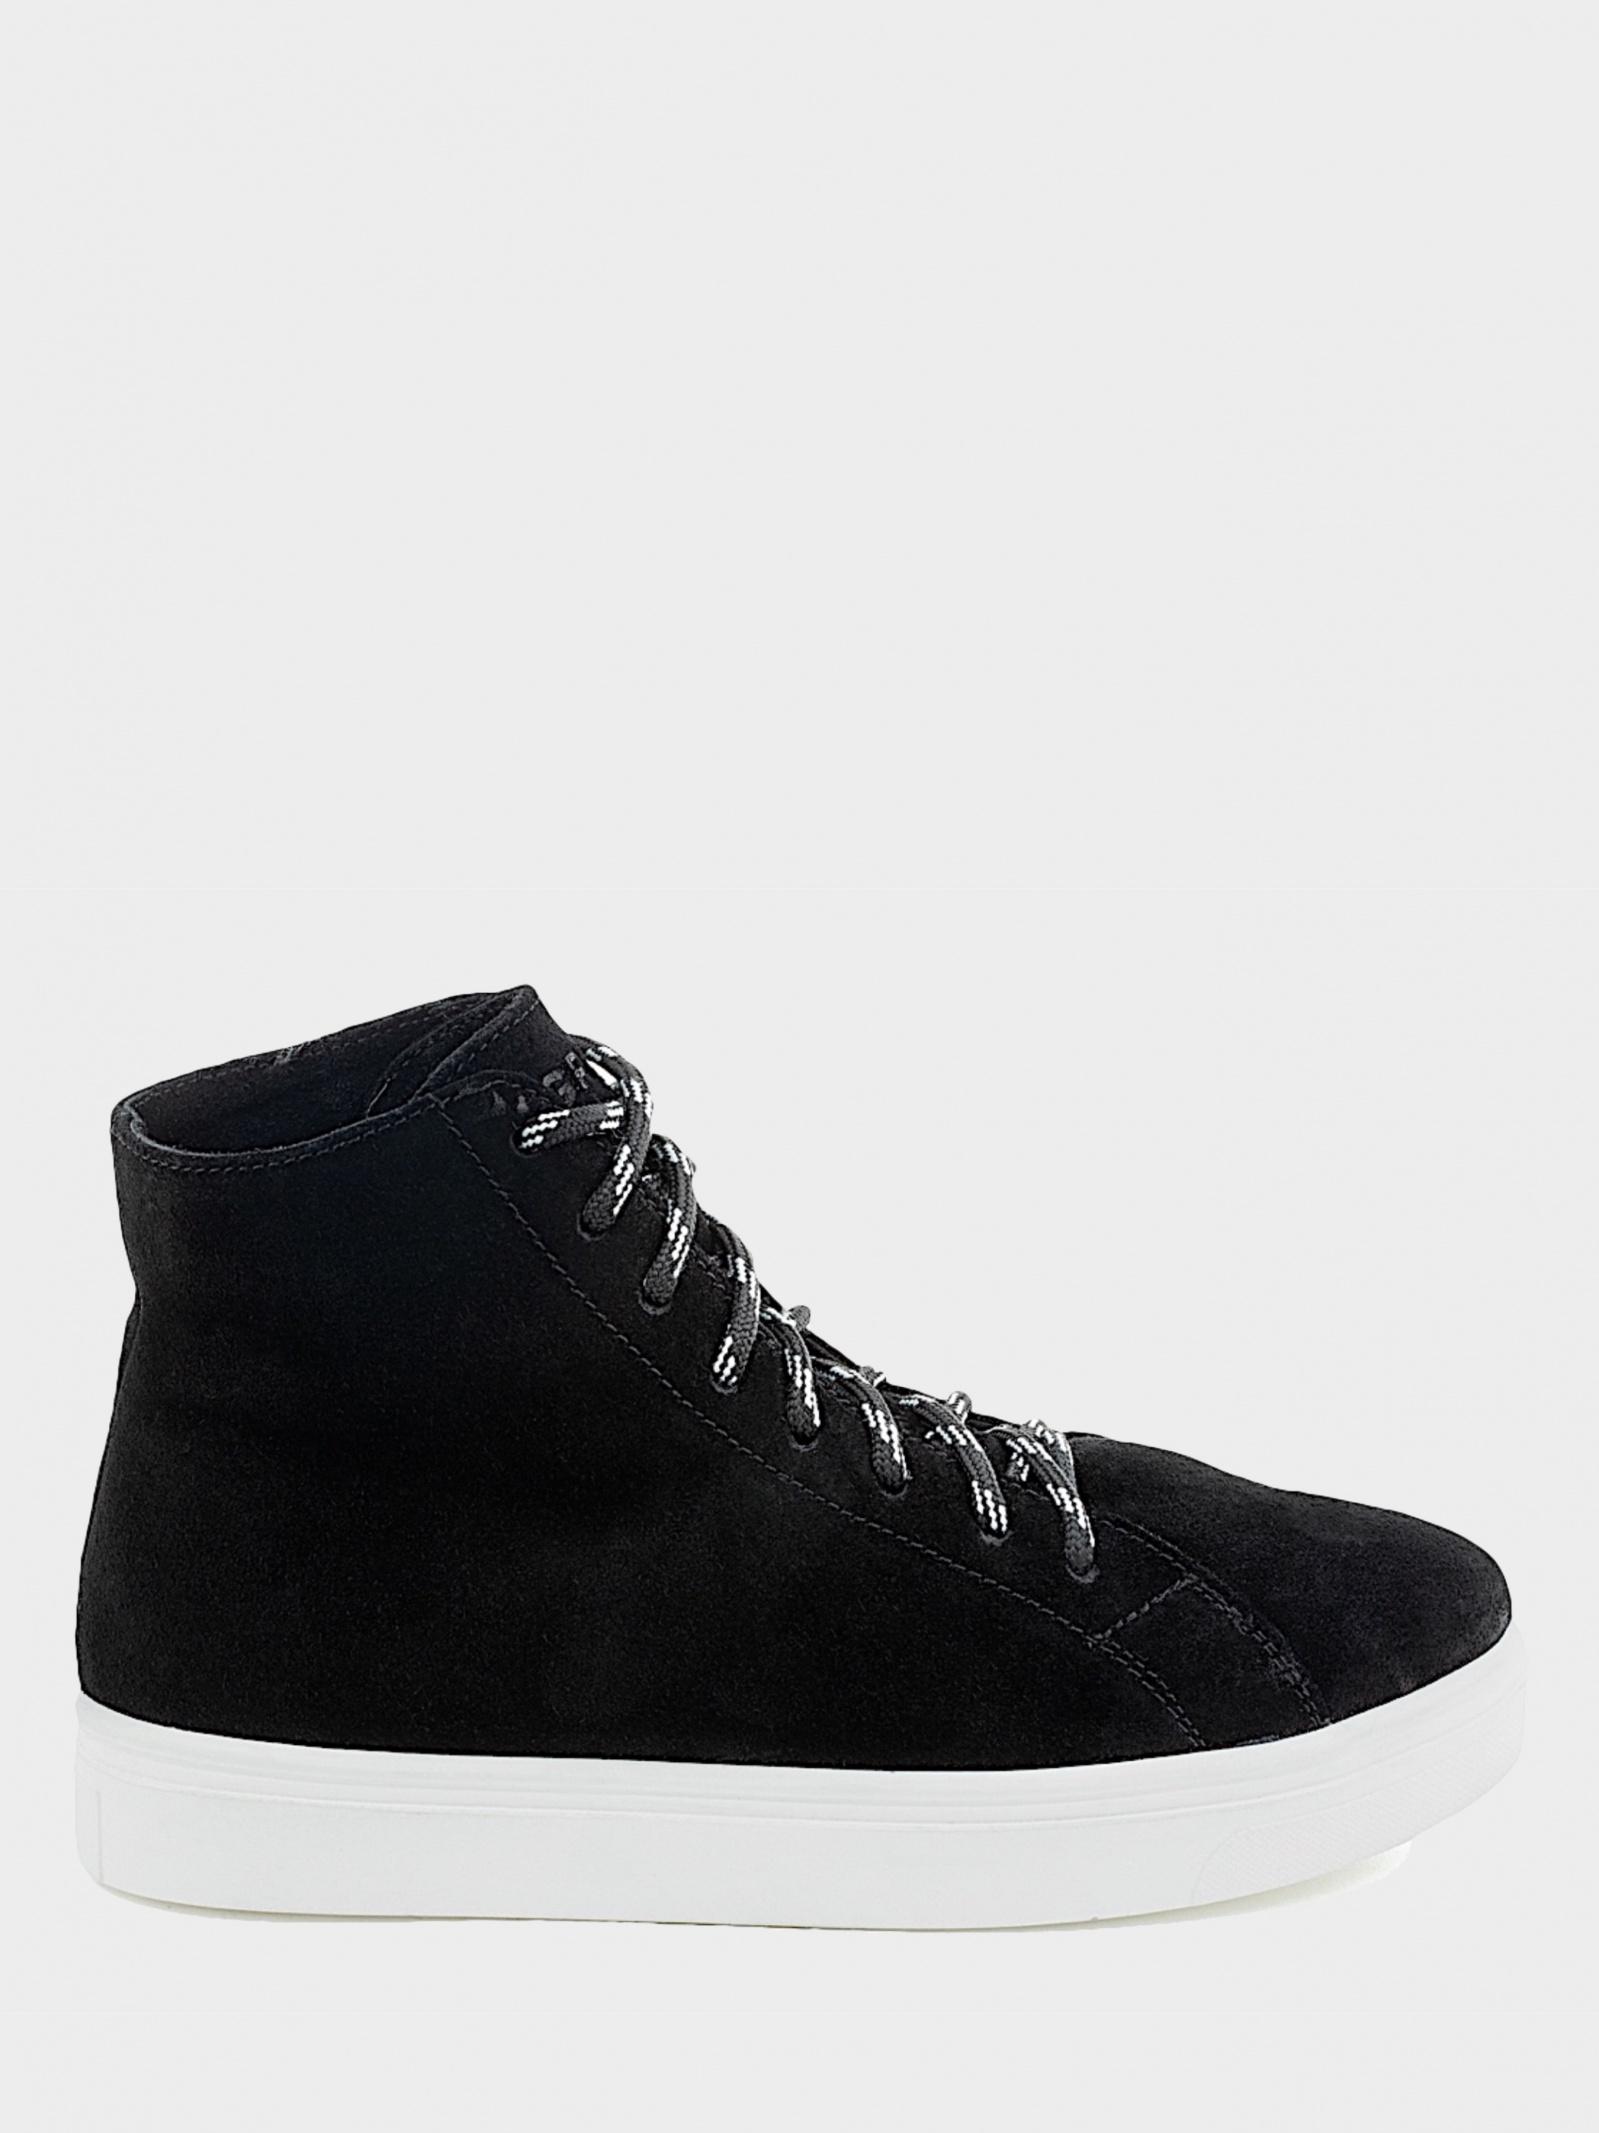 Ботинки для женщин Ботинки с мехом H5 H5.3.000000323 цена обуви, 2017